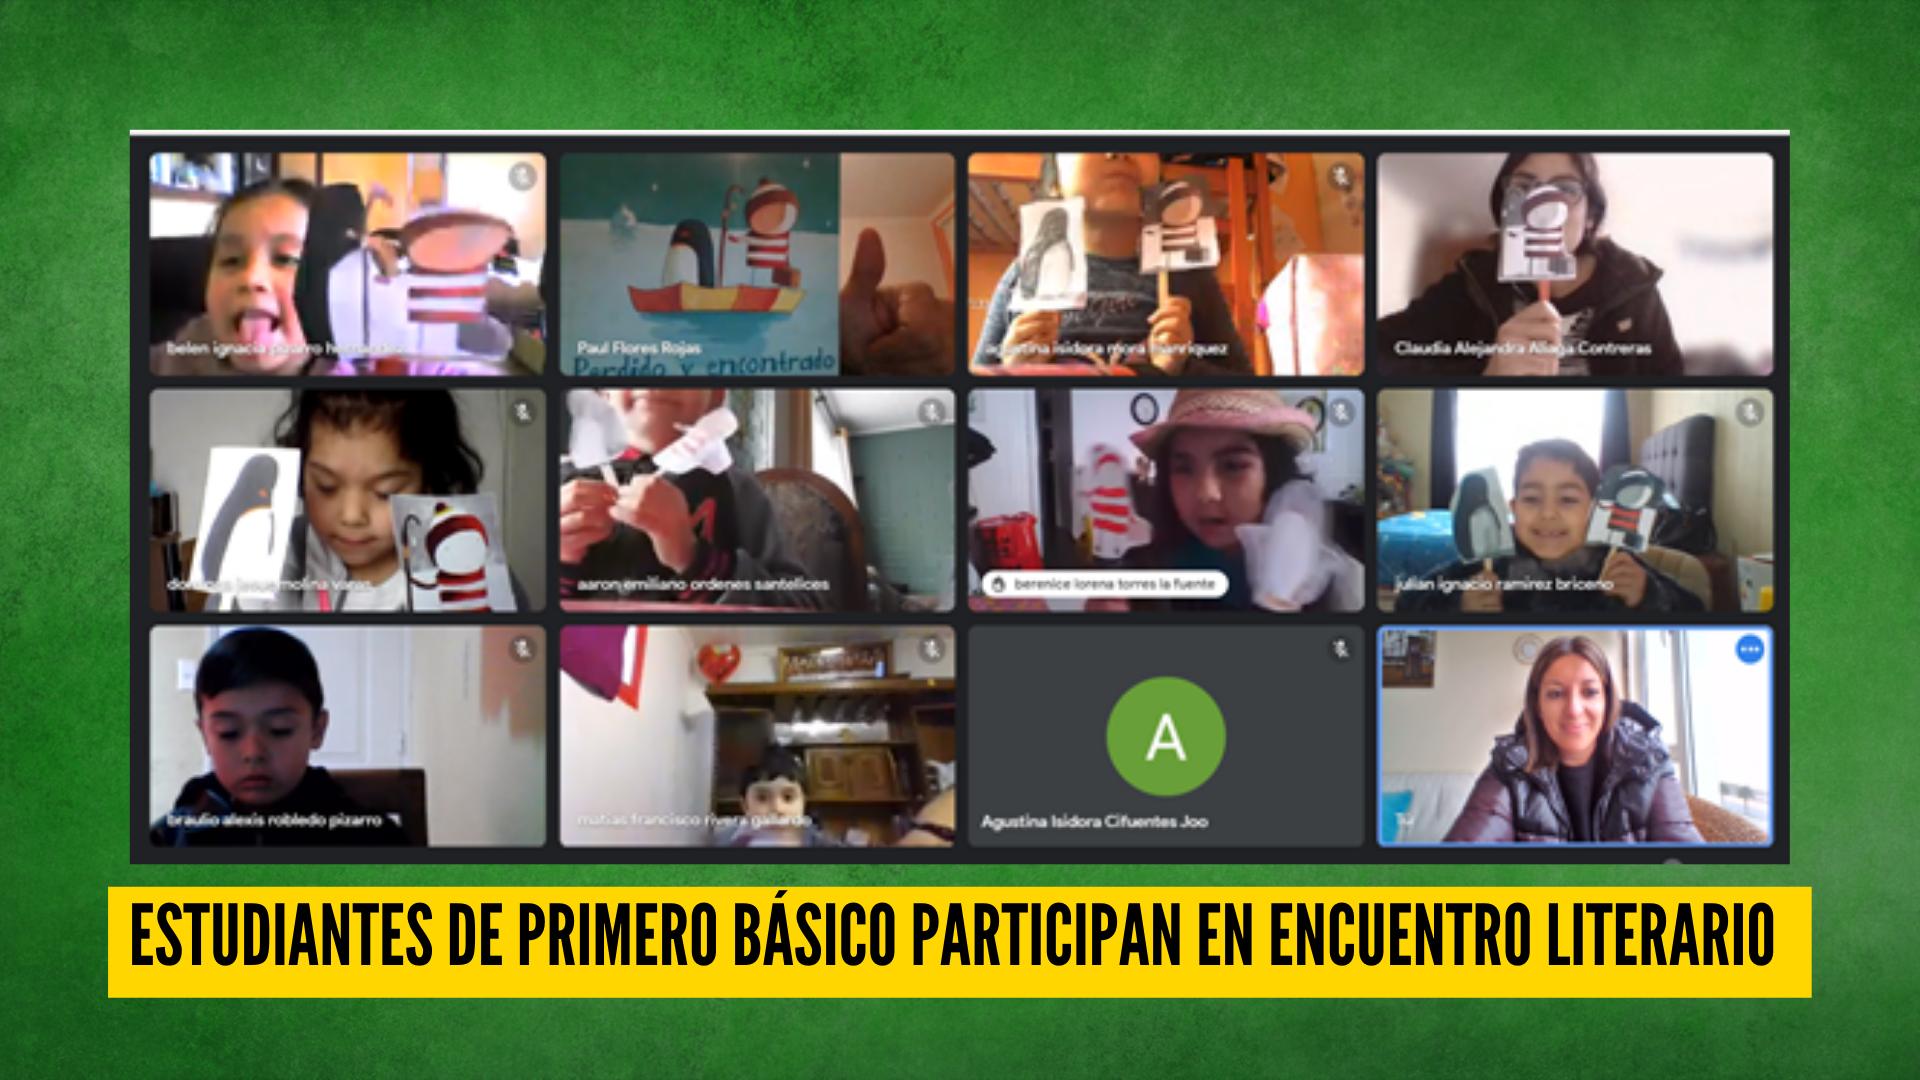 ESTUDIANTES DE PRIMERO BÁSICO PARTICIPAN EN ENCUENTRO LITERARIO